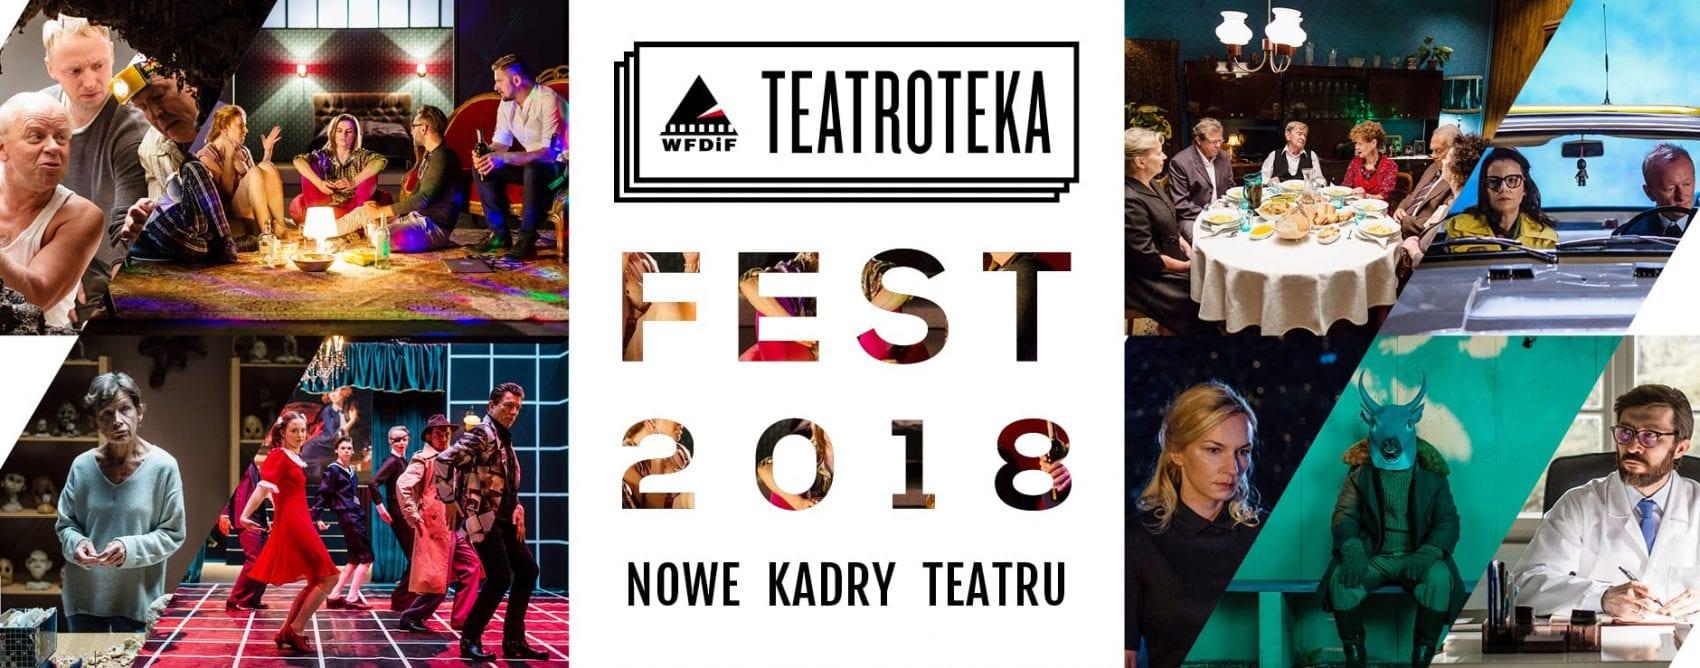 TEATROTEKA FEST 2018 | 9 – 11 LUTEGO 2018 (informacja prasowa)